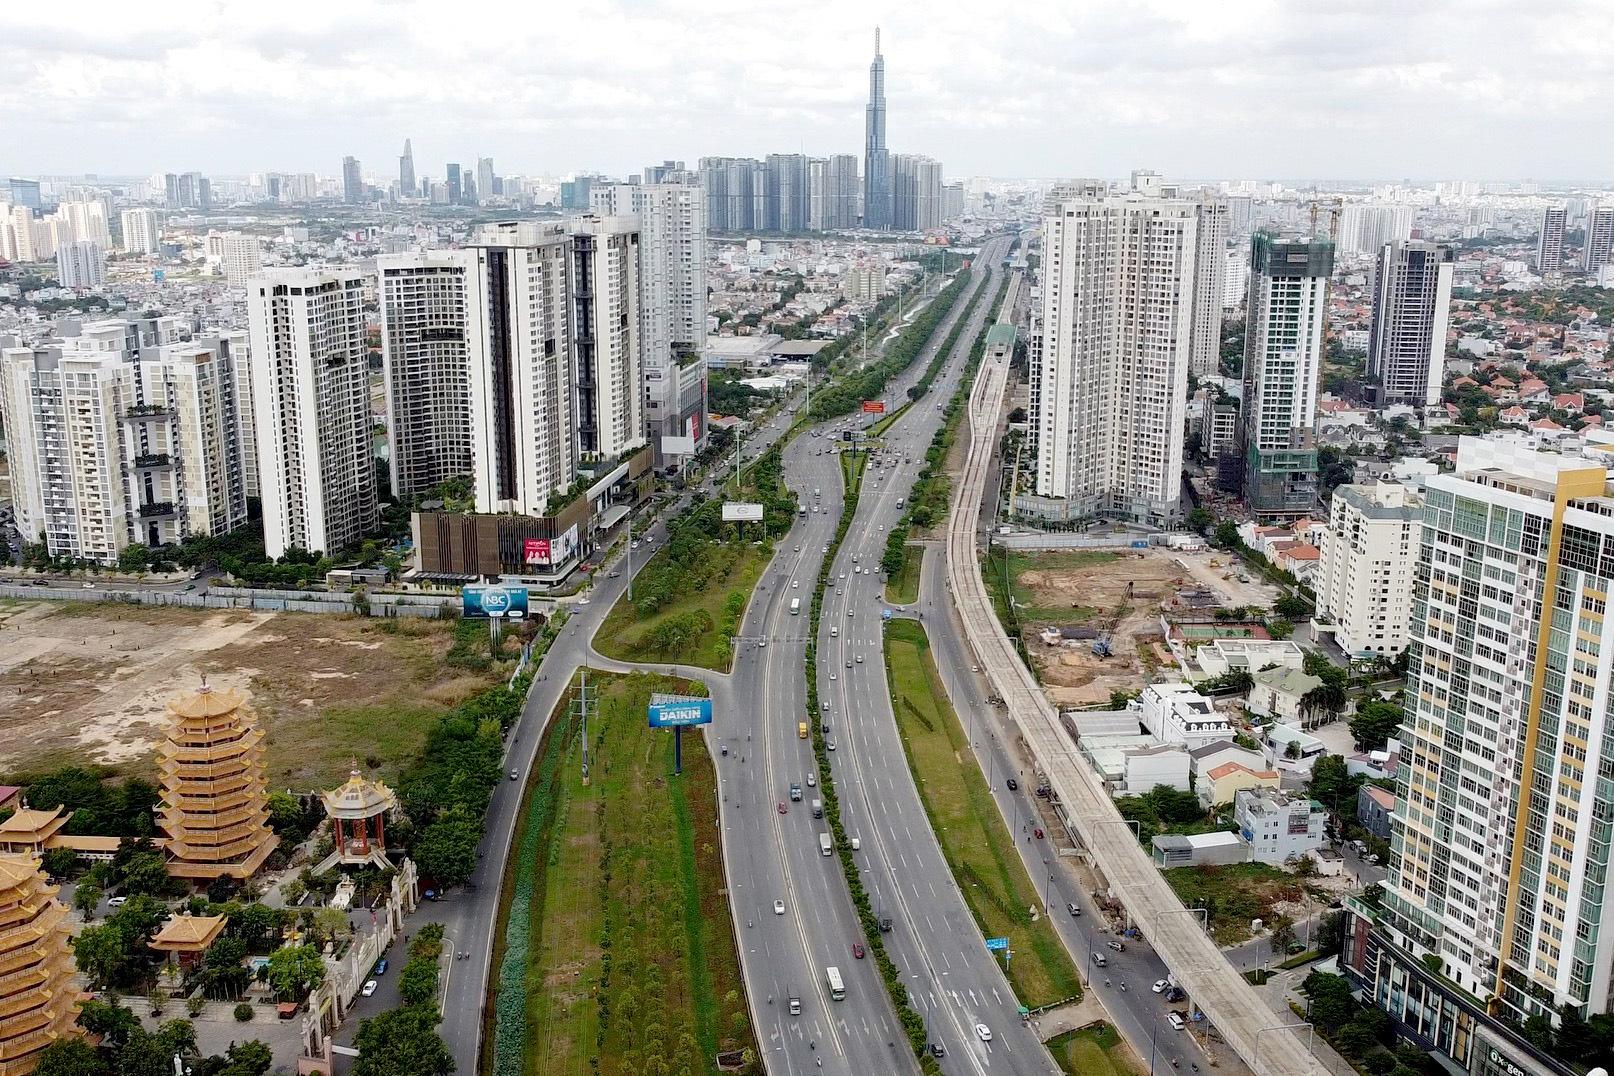 TP HCM phê duyệt Đề án định hướng phát triển hạ tầng dịch vụ giai đoạn 2020-2025